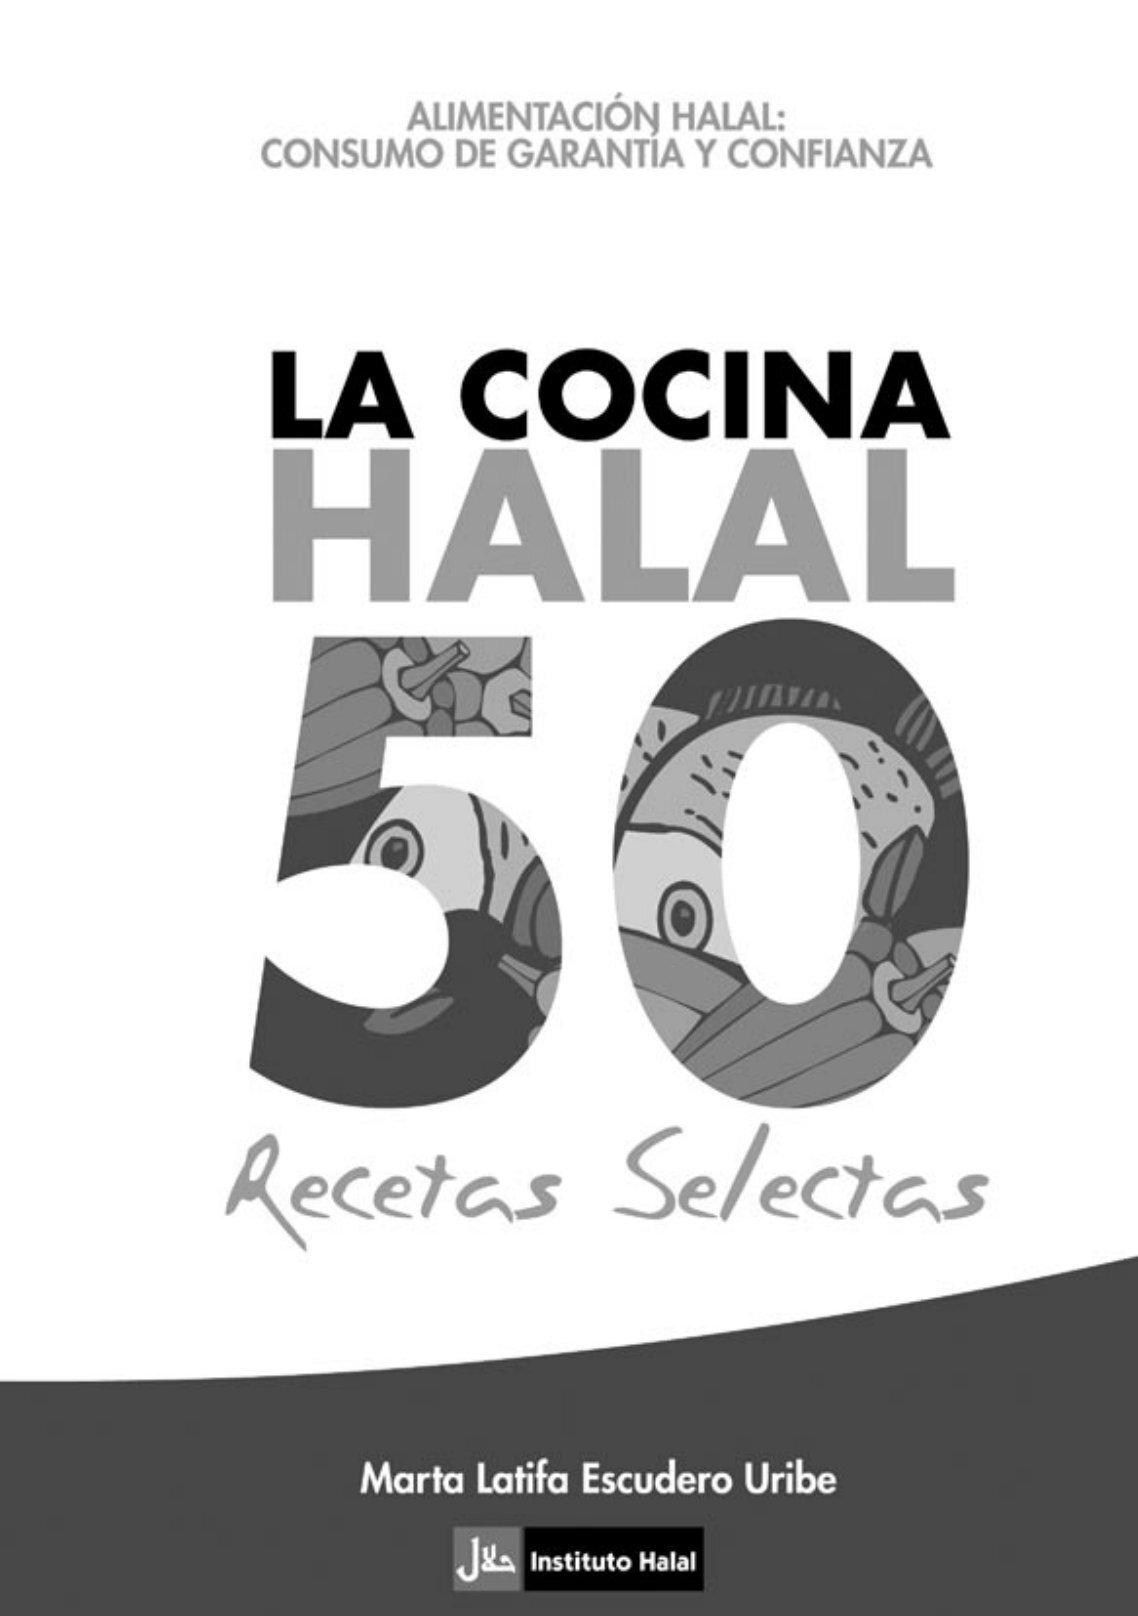 Encantador Cocina Halal Patrón - Ideas de Decoración de Cocina ...